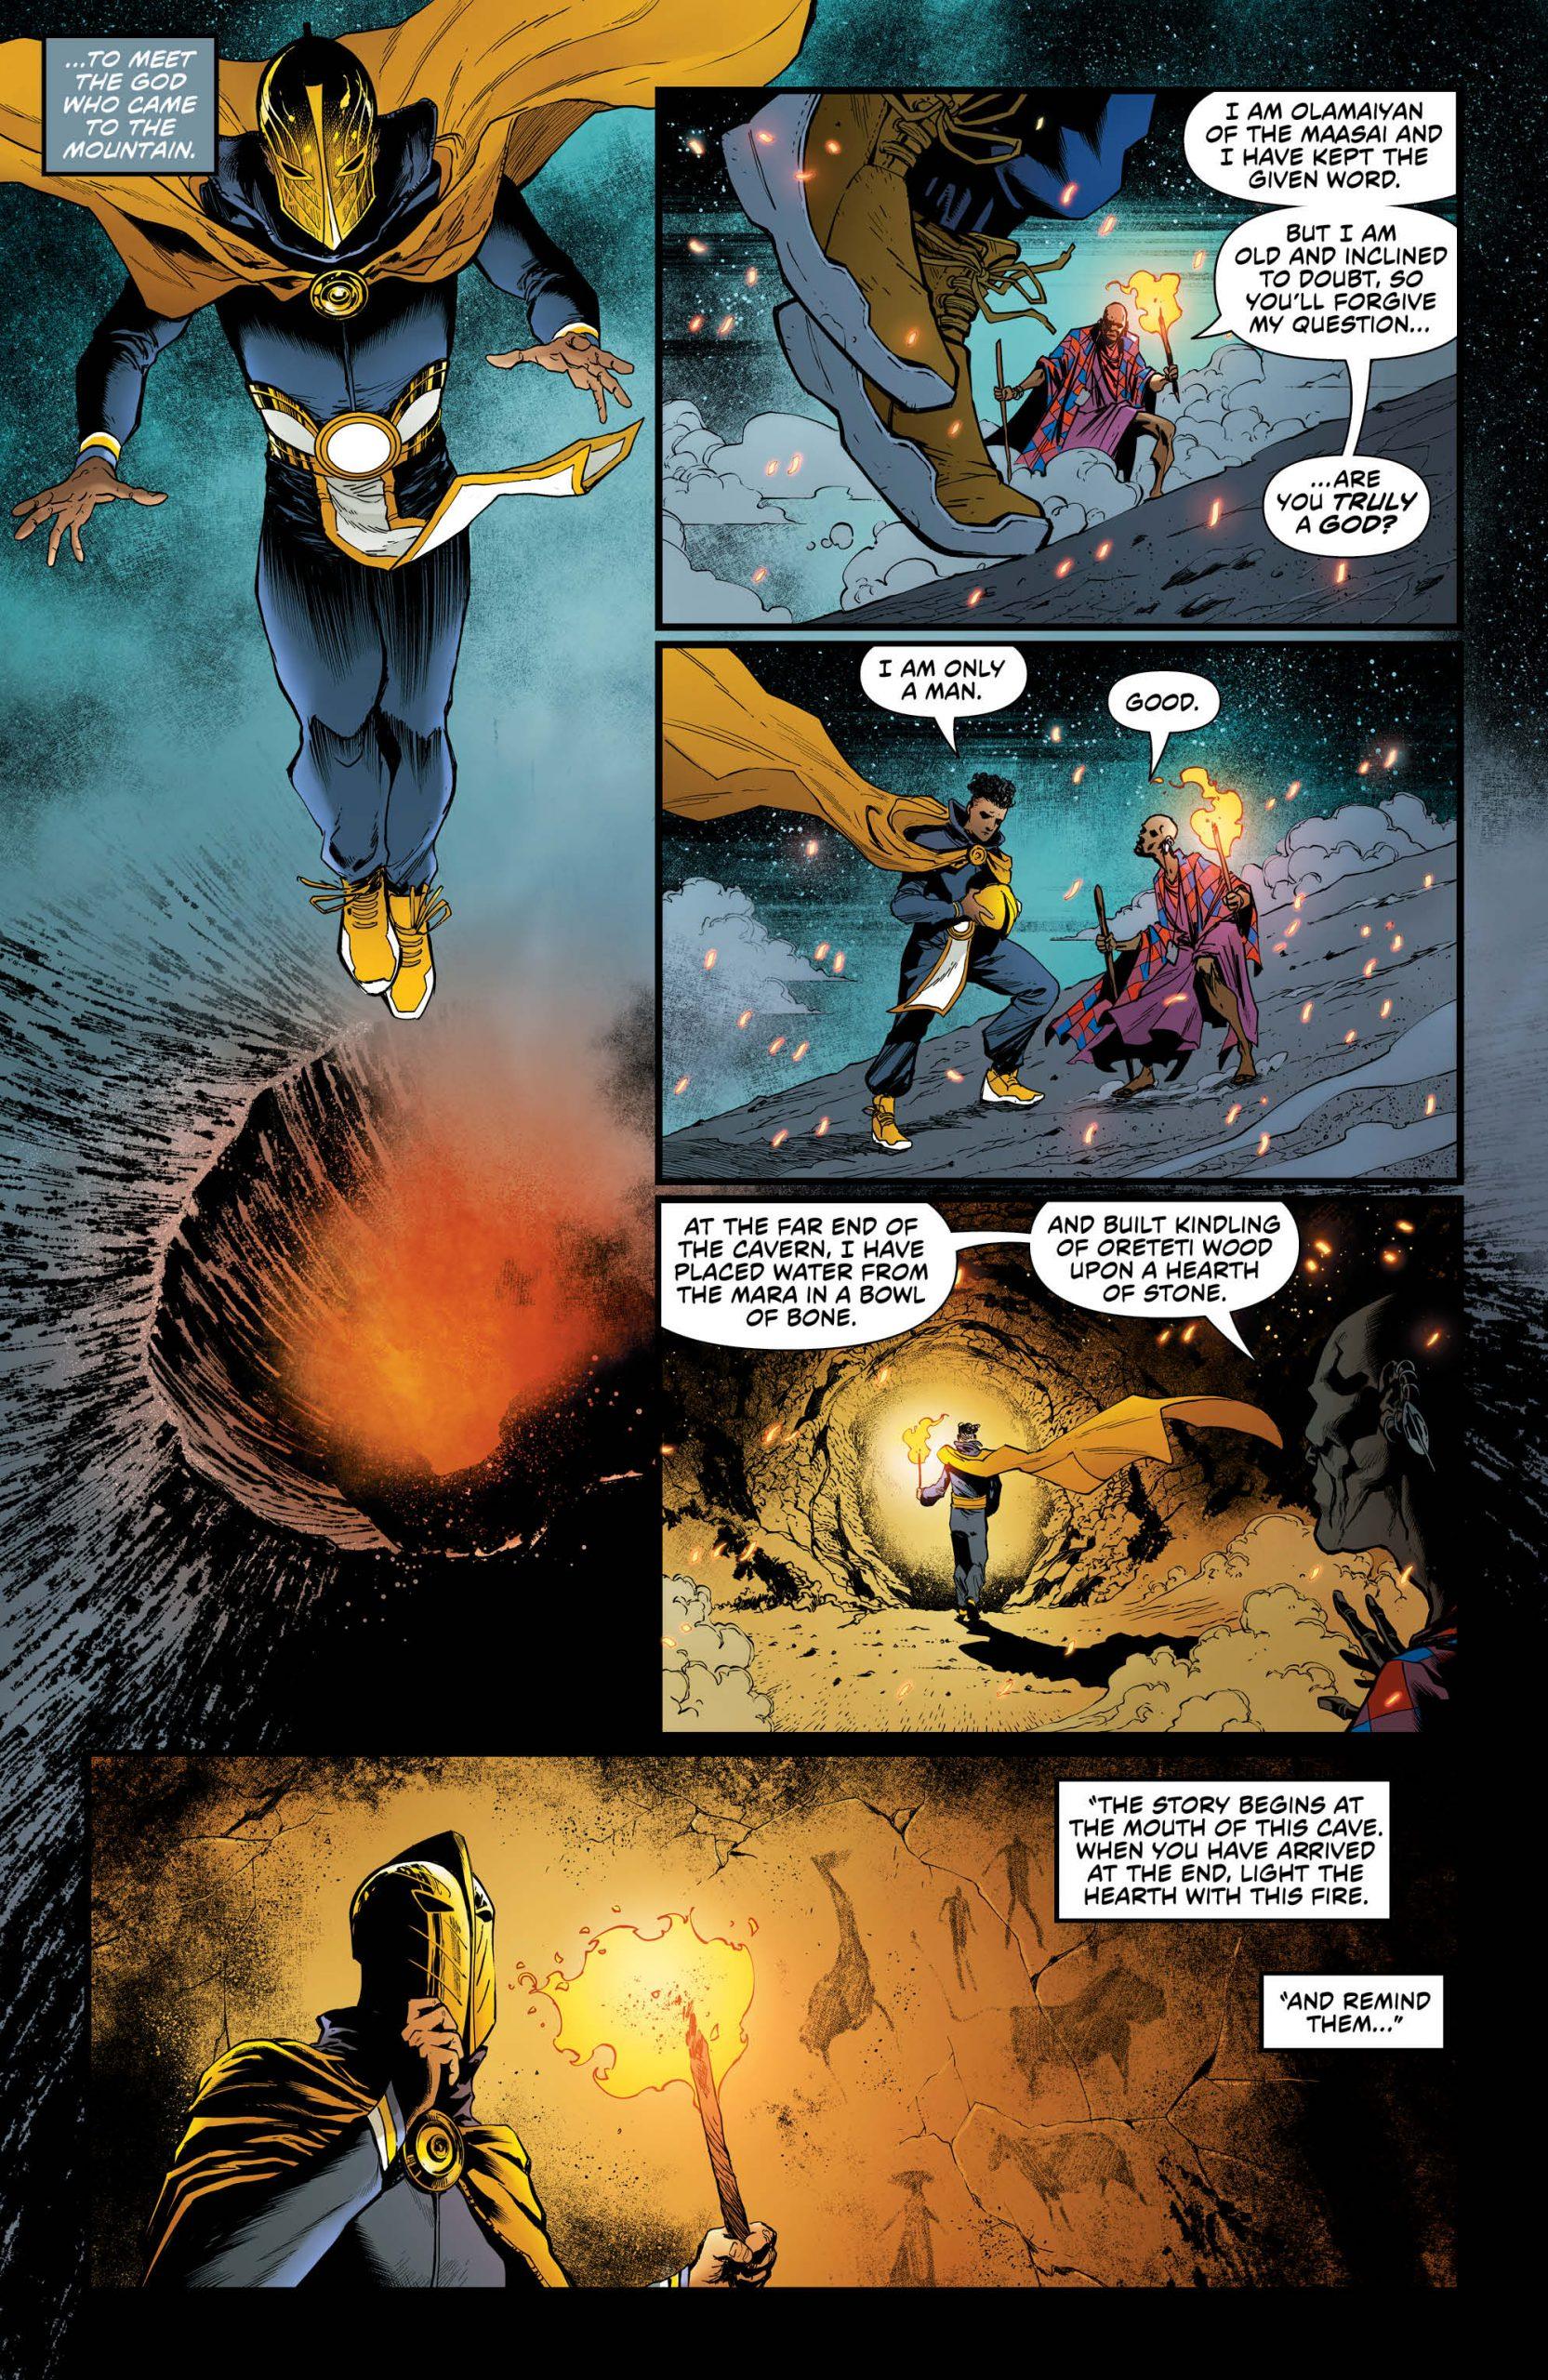 Justice League Dark #22 Pg. 2